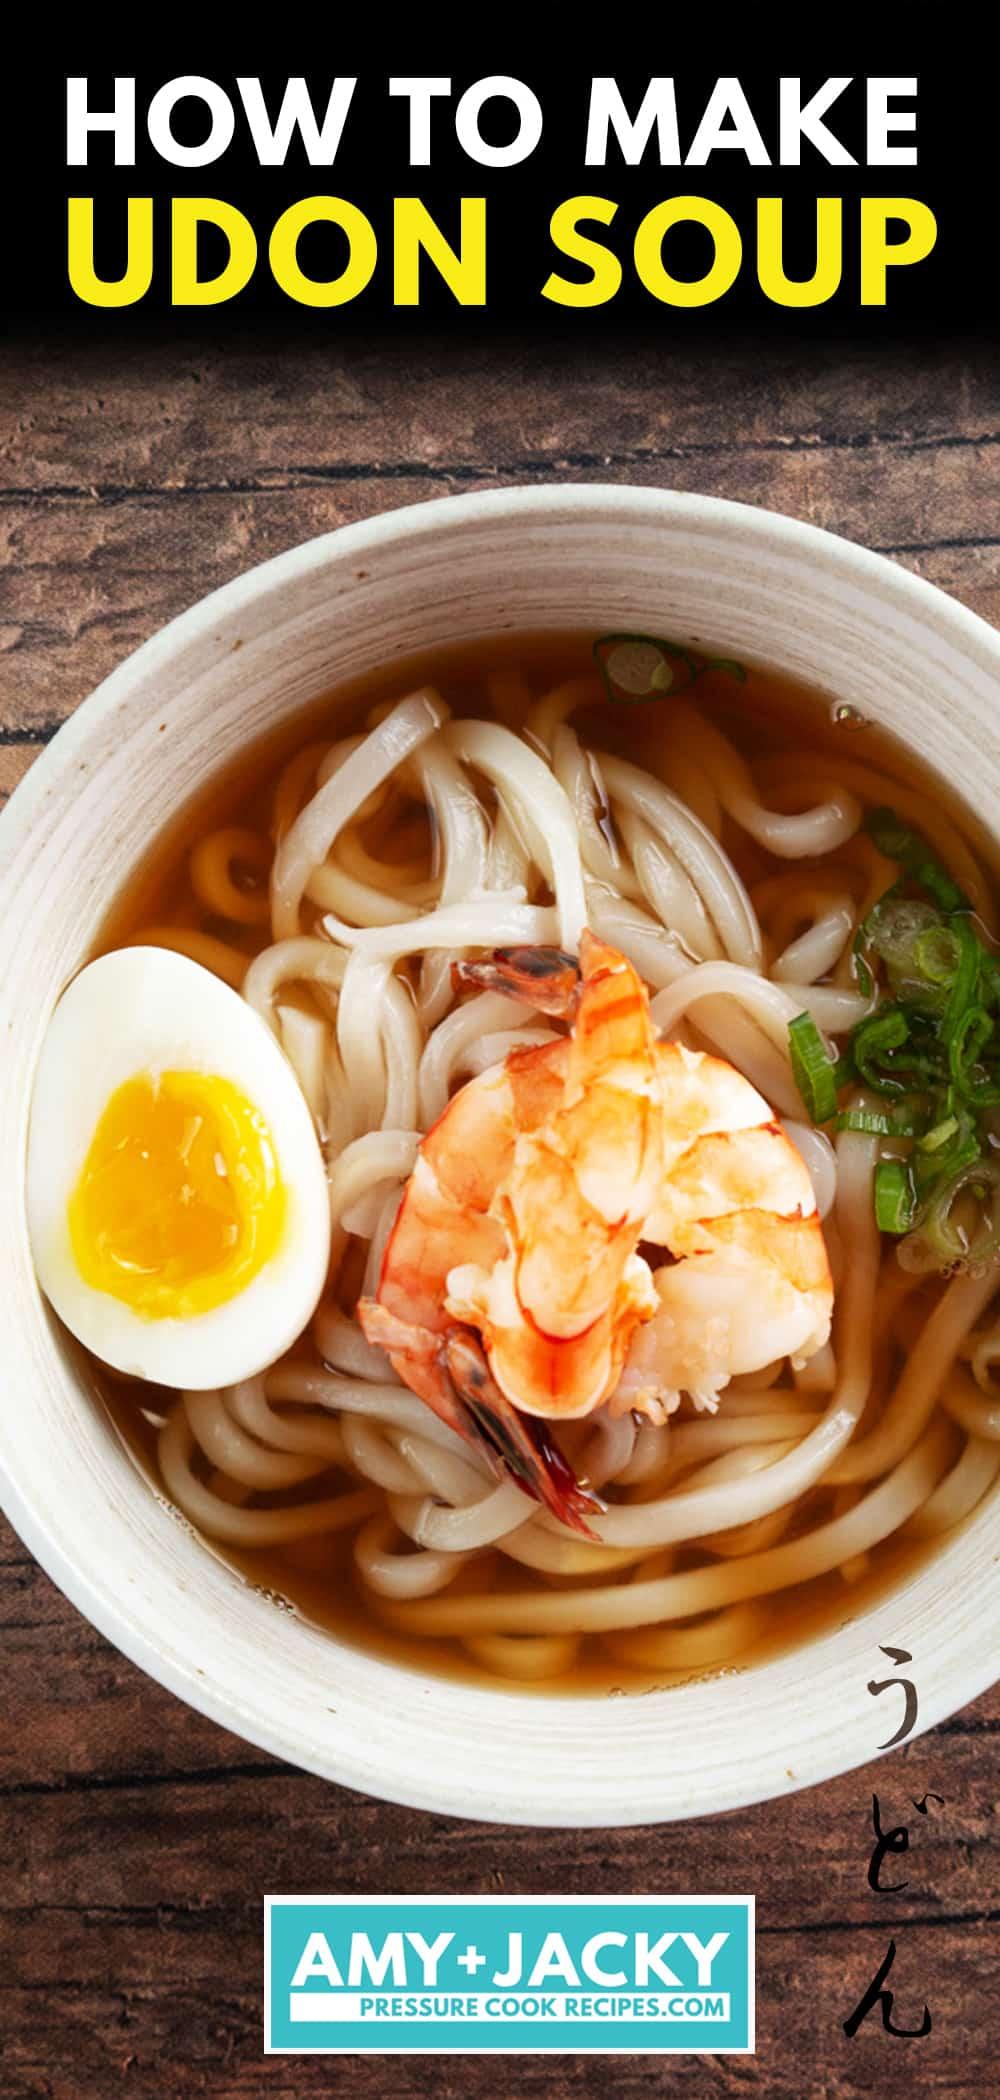 udon soup | udon recipe | udon noodles | udon noodle soup